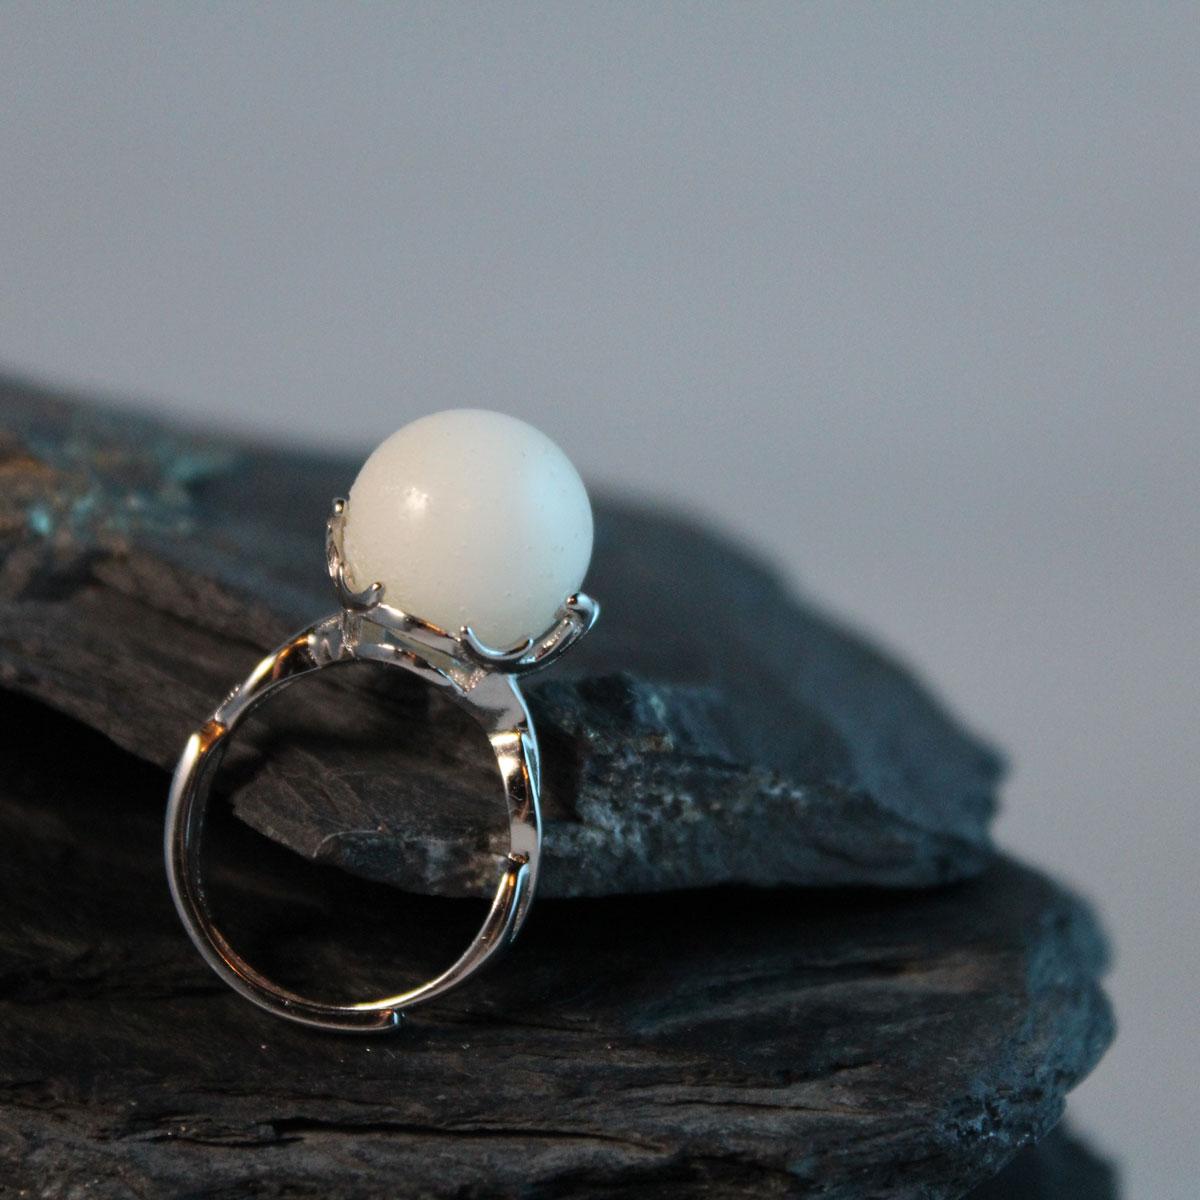 Muttermilchschmuck Ring mit Muttermilchperle